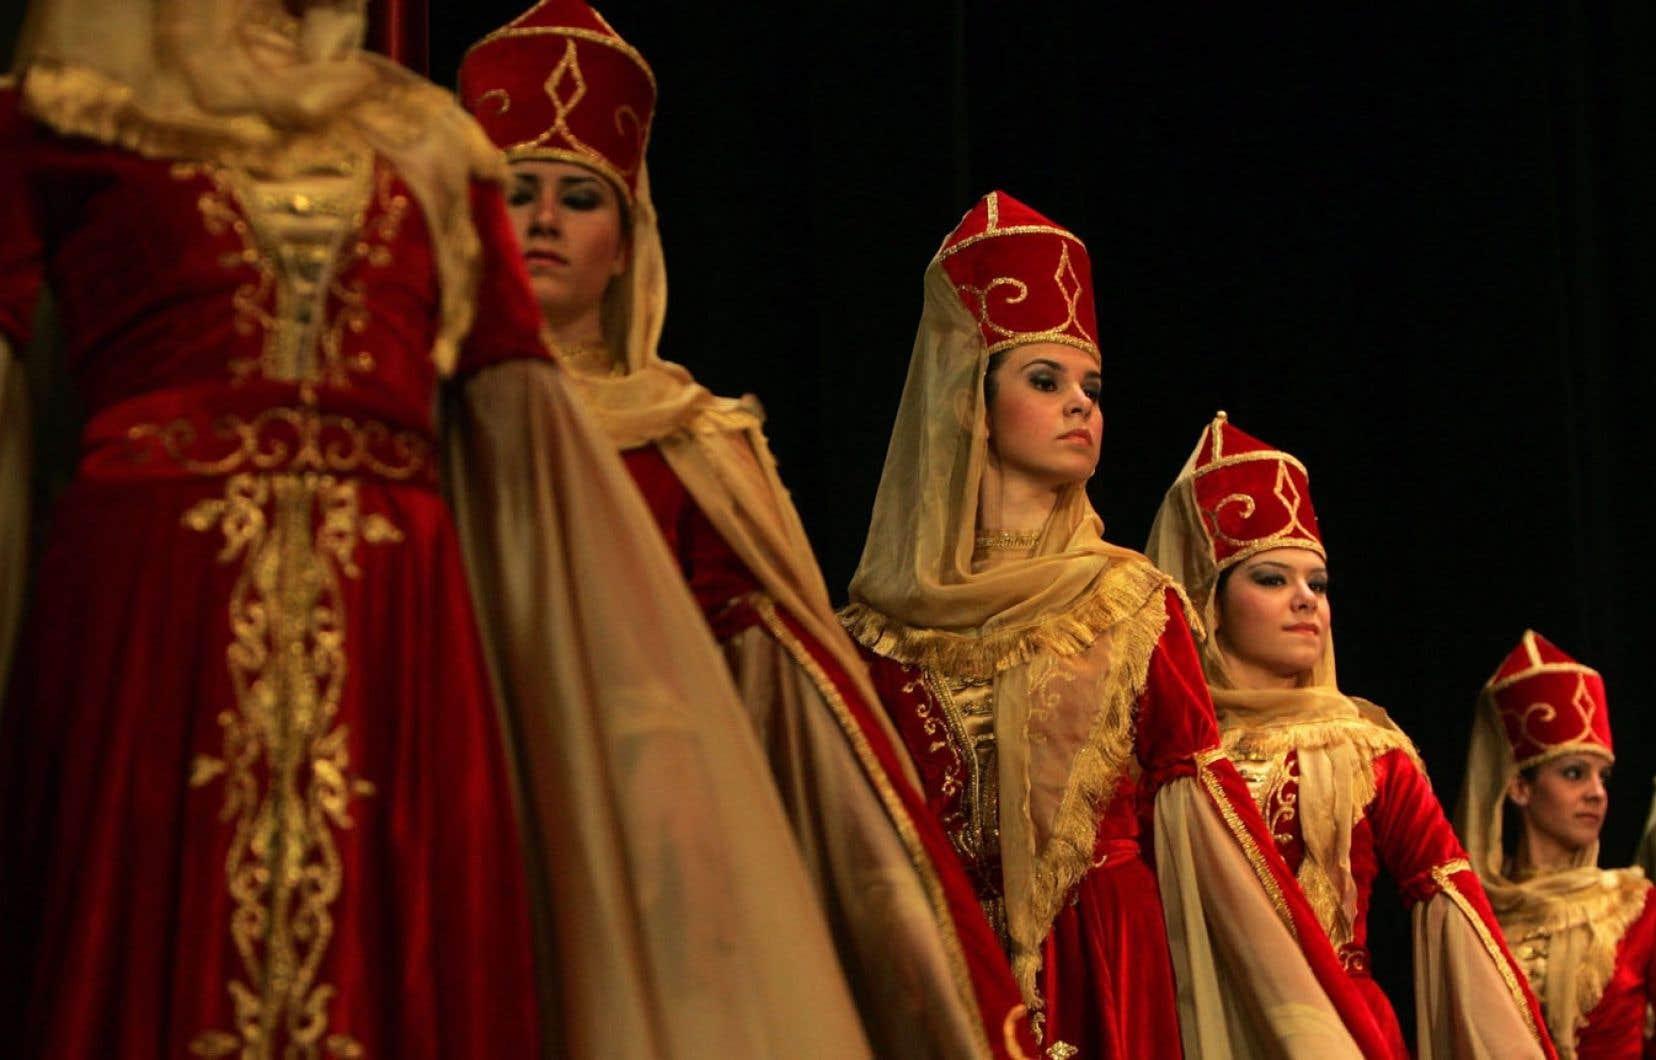 Une troupe de danse traditionnelle circassiennefait une prestation lors d'un concert à Amman, en Jordanie